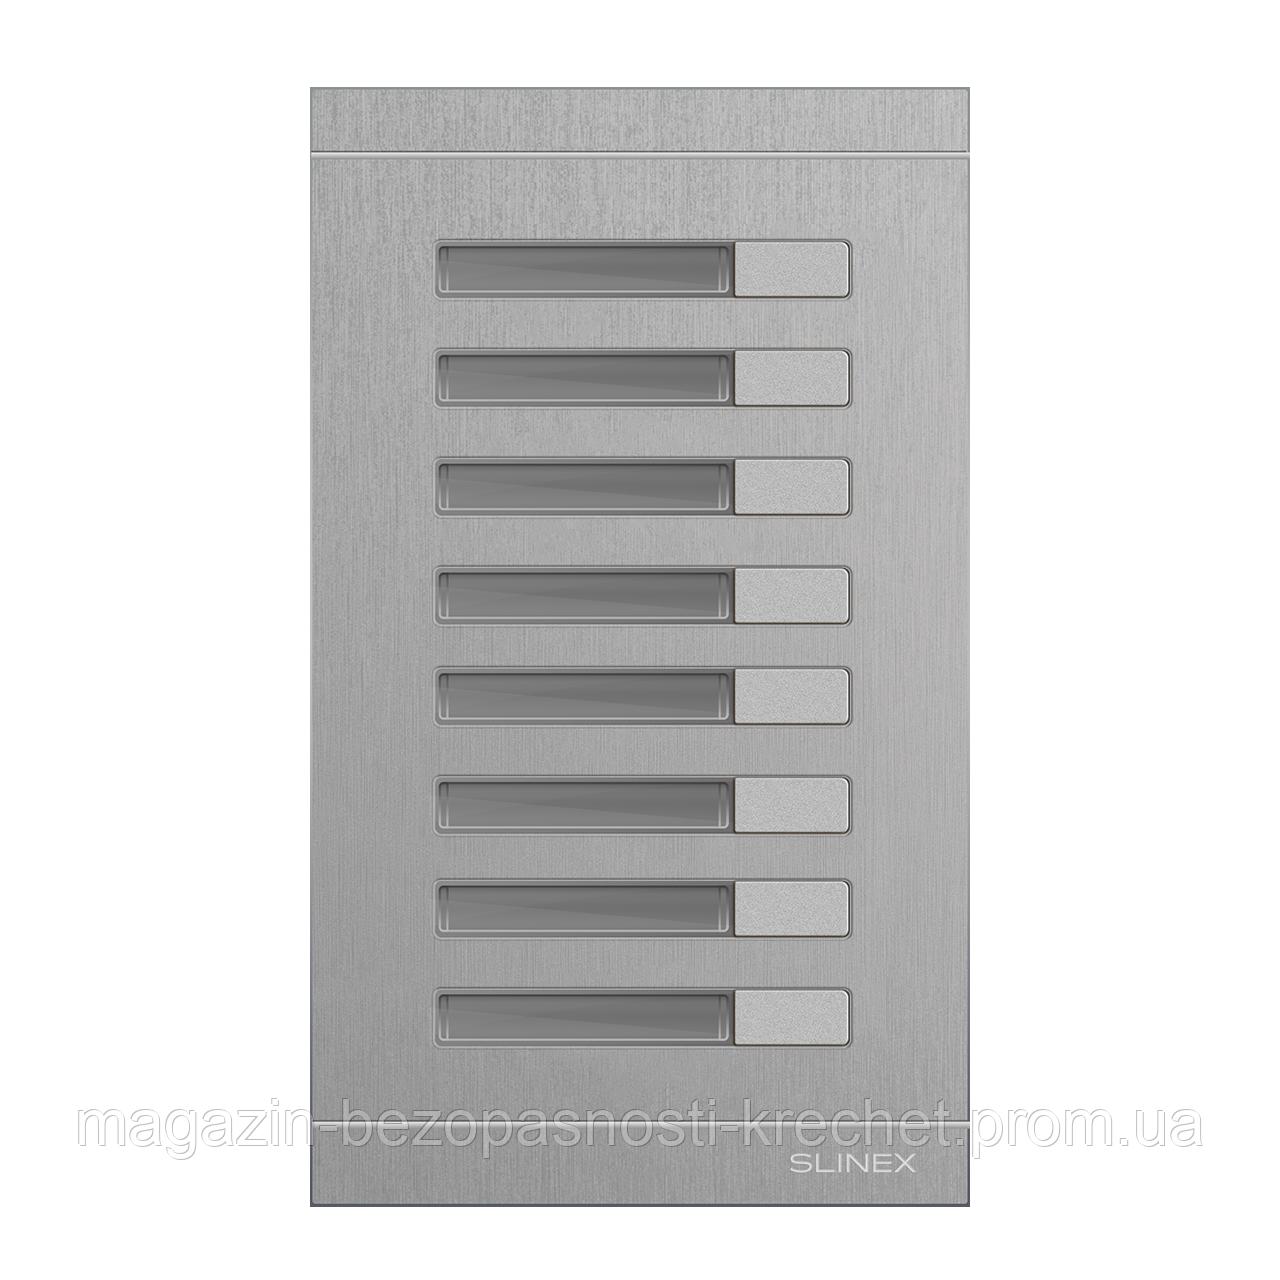 Вызывная панель Slinex MA-08